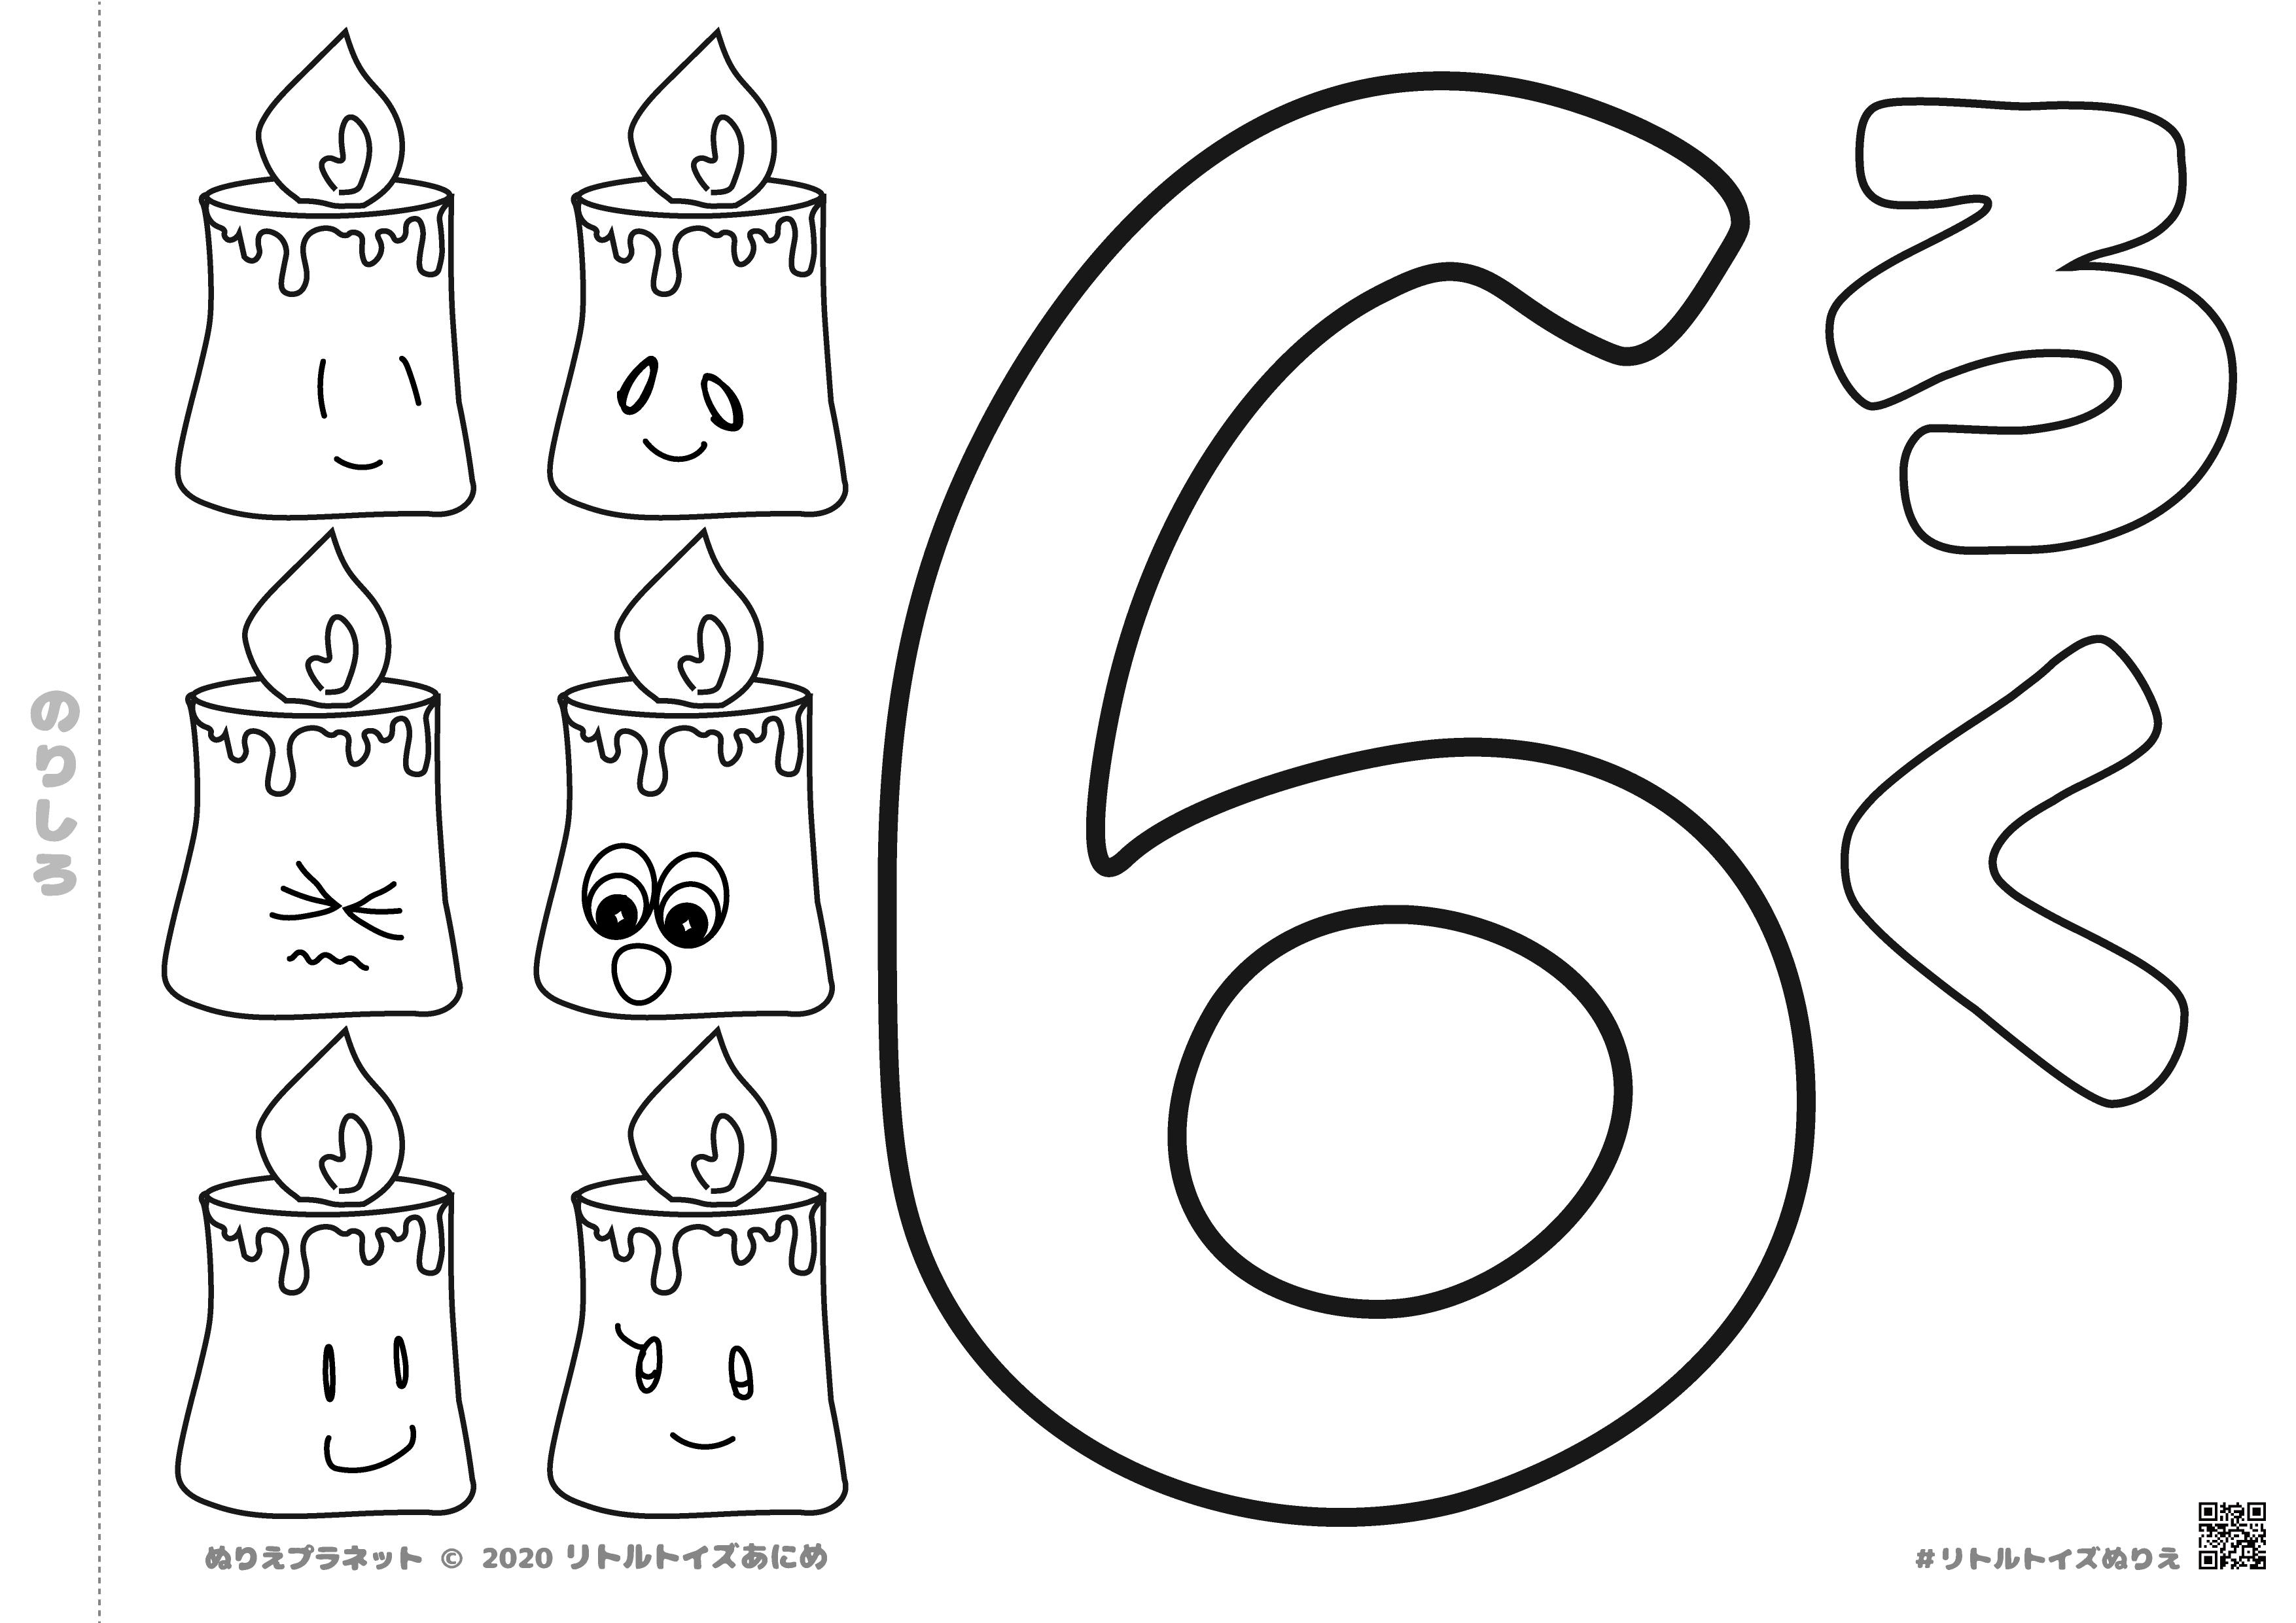 ロウソクが6本のぬりえです。